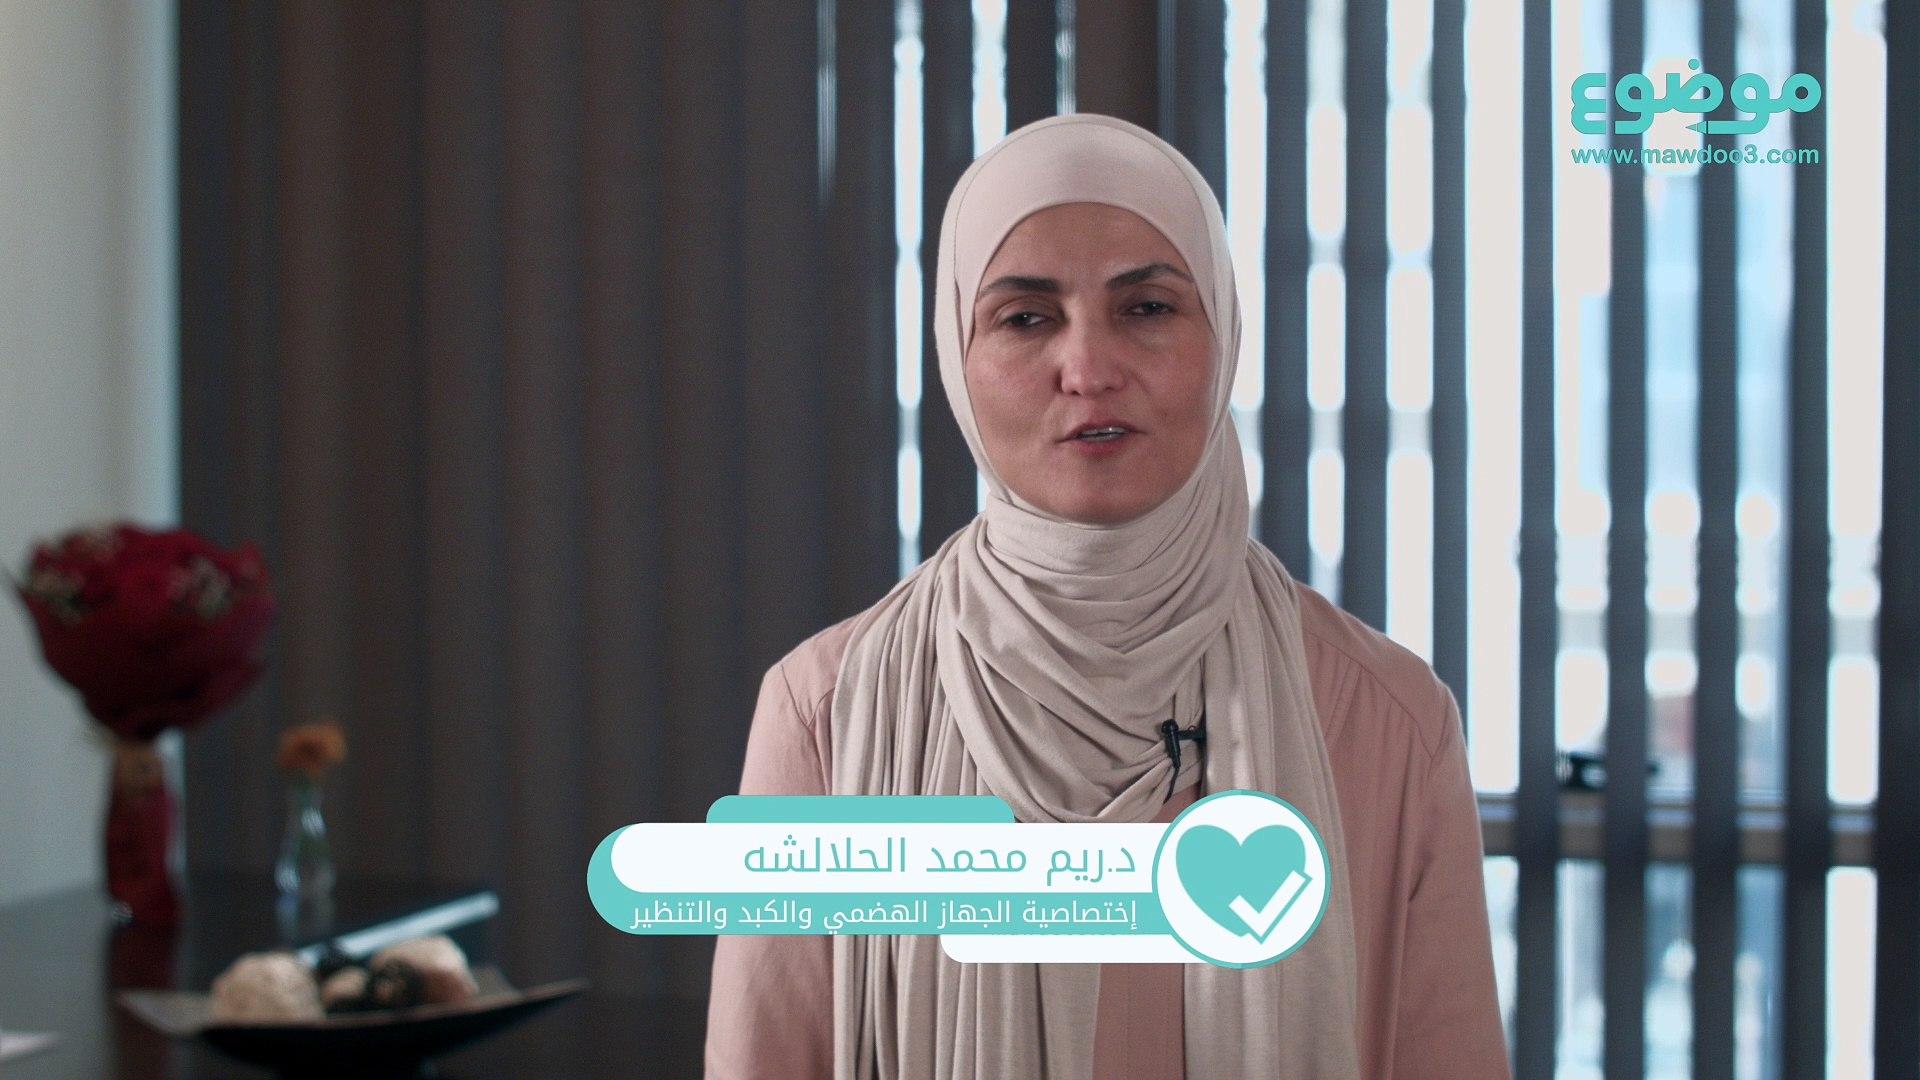 #موضوع: ما هو علاج عسر الهضم